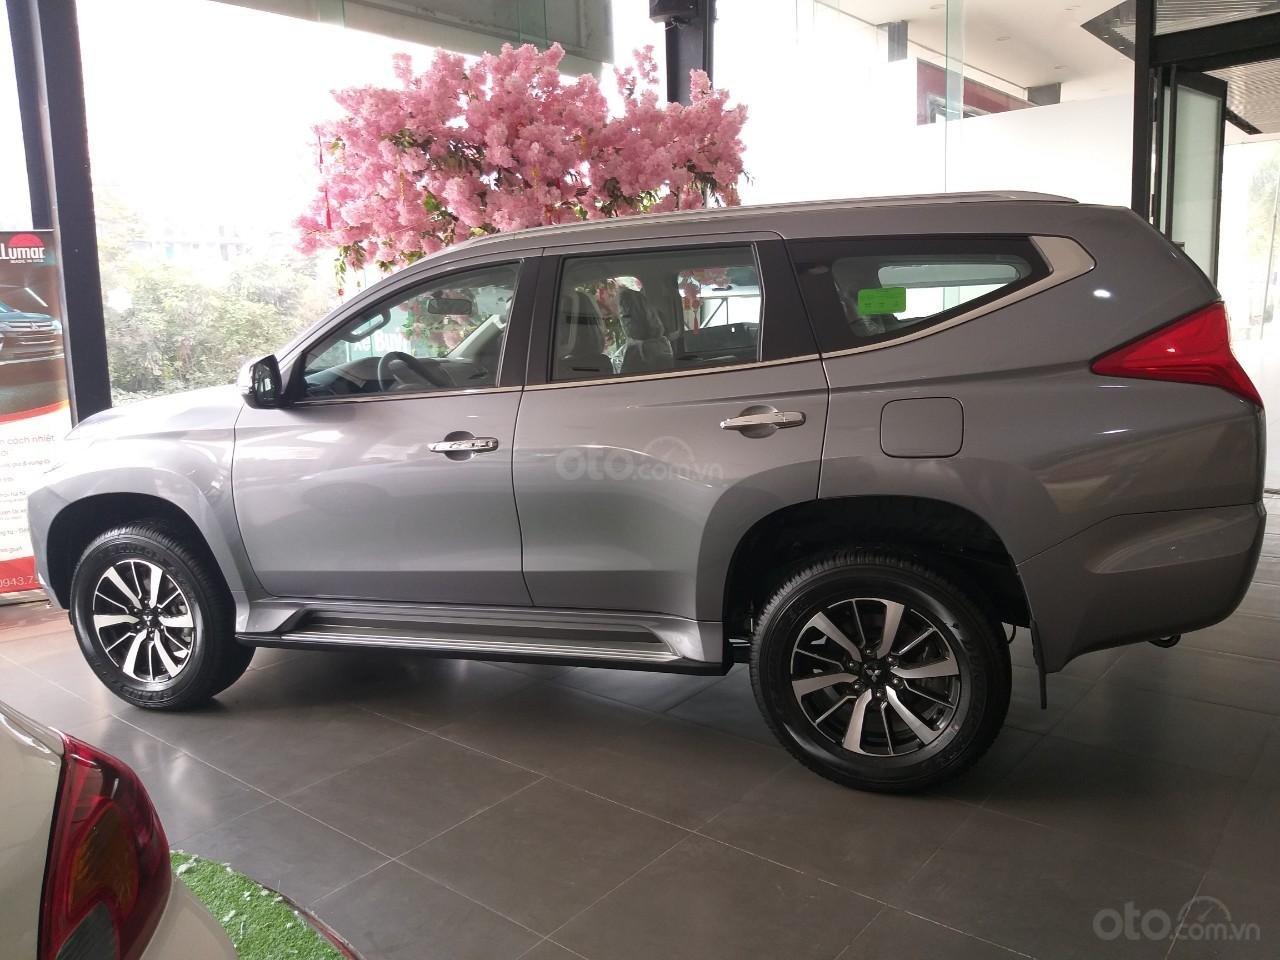 Bán xe Mitsubishi Pajero Sport sản xuất năm 2019, màu xám (ghi), xe nhập (1)